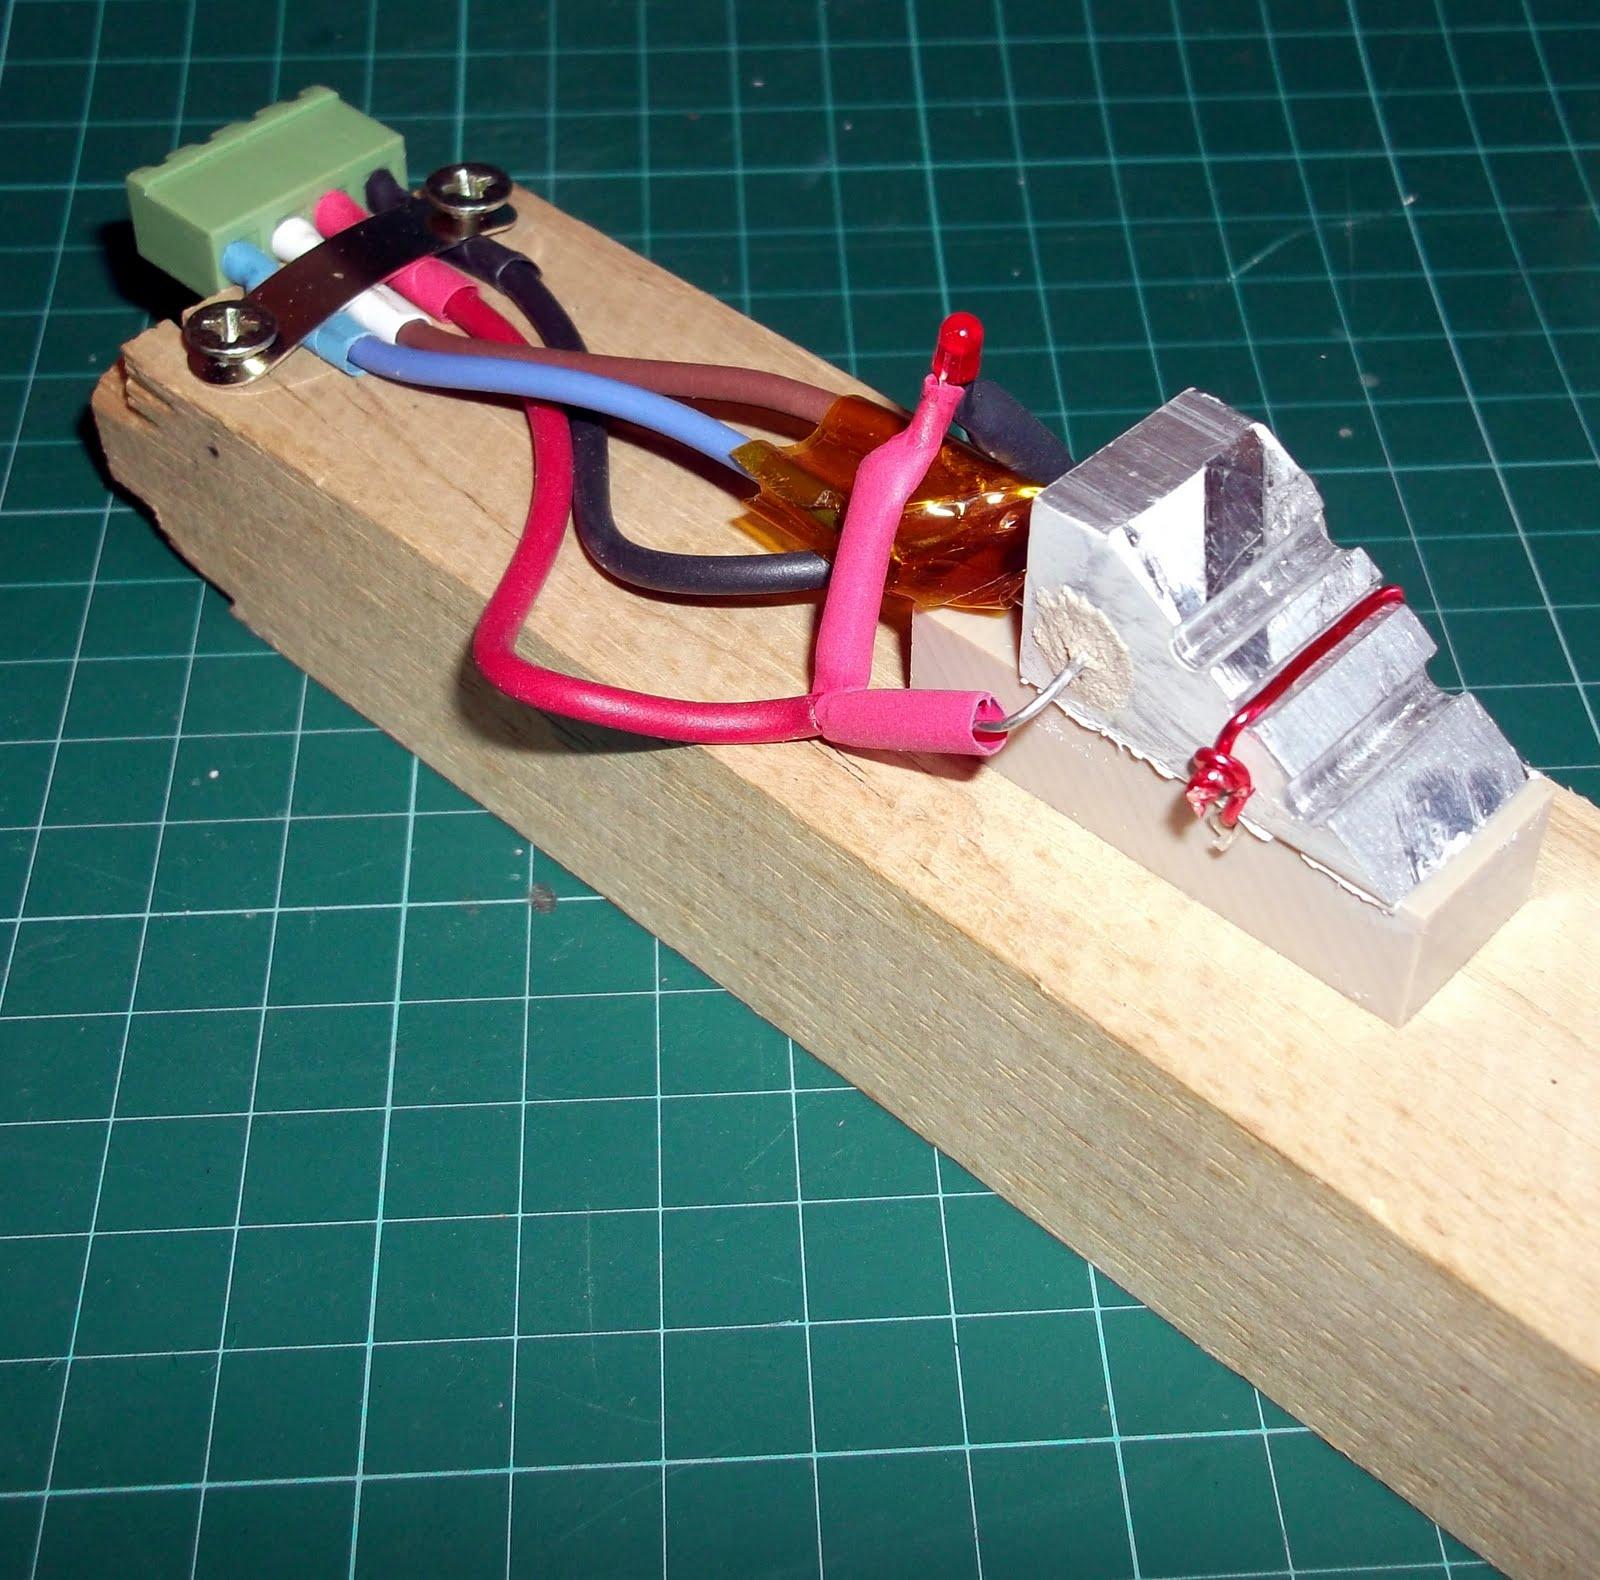 Filament_joiner.jpg